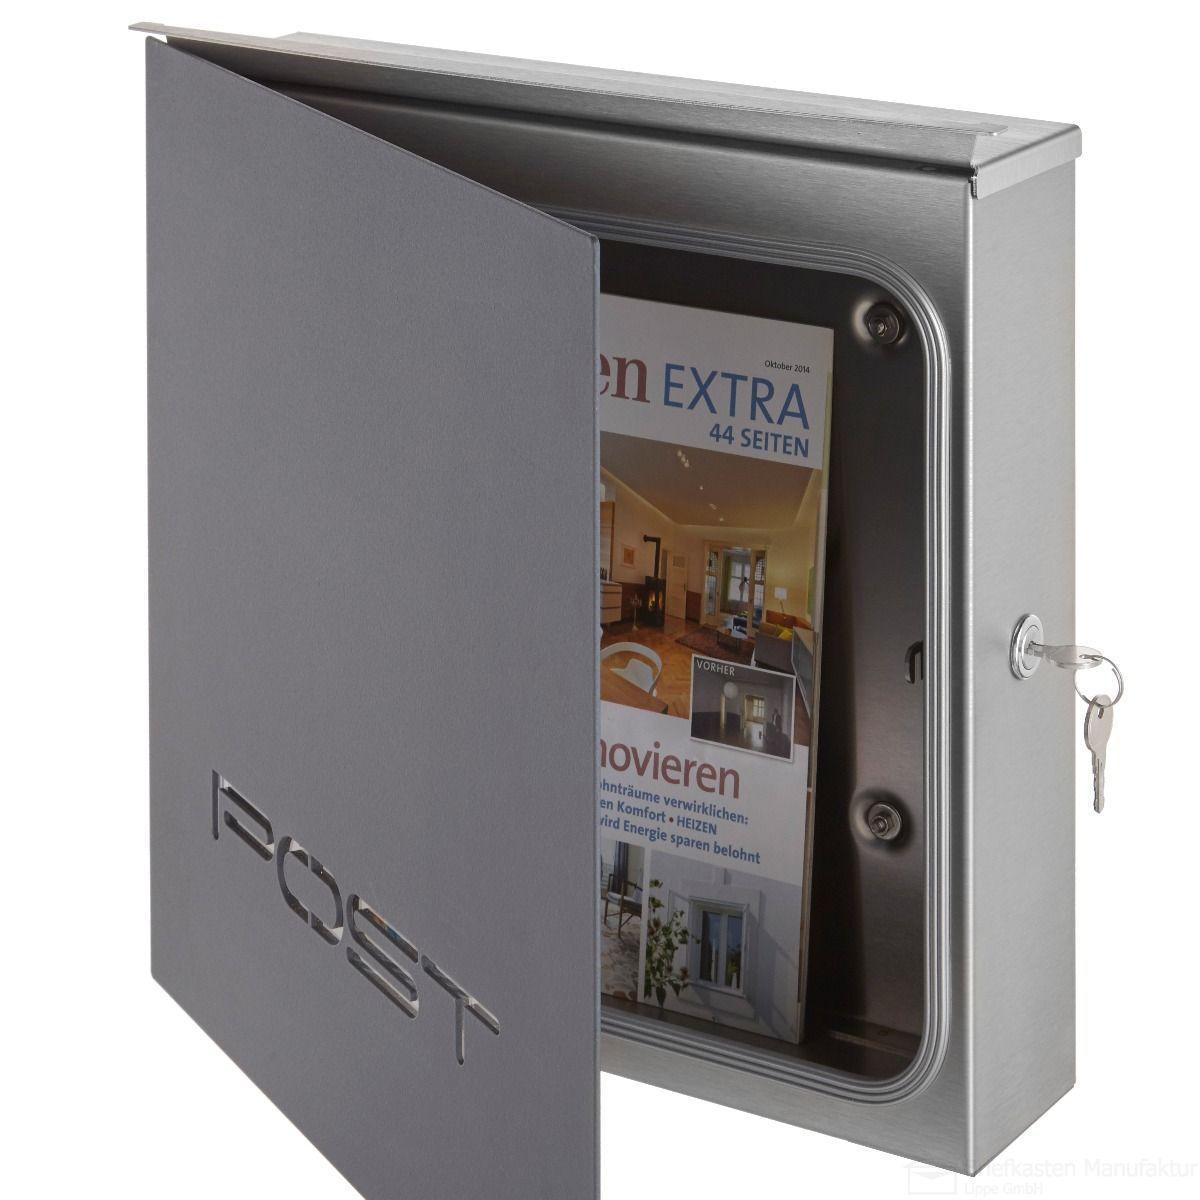 Edelstahl Design Briefkasten 226p A Exclusive Design Linie Post Ahnlich Ral 7016 Anthrazitgrau 226pa Ahnlich Anthrazitgrau Briefkas In 2020 Design Briefkasten Briefkasten Und Briefkasten Edelstahl